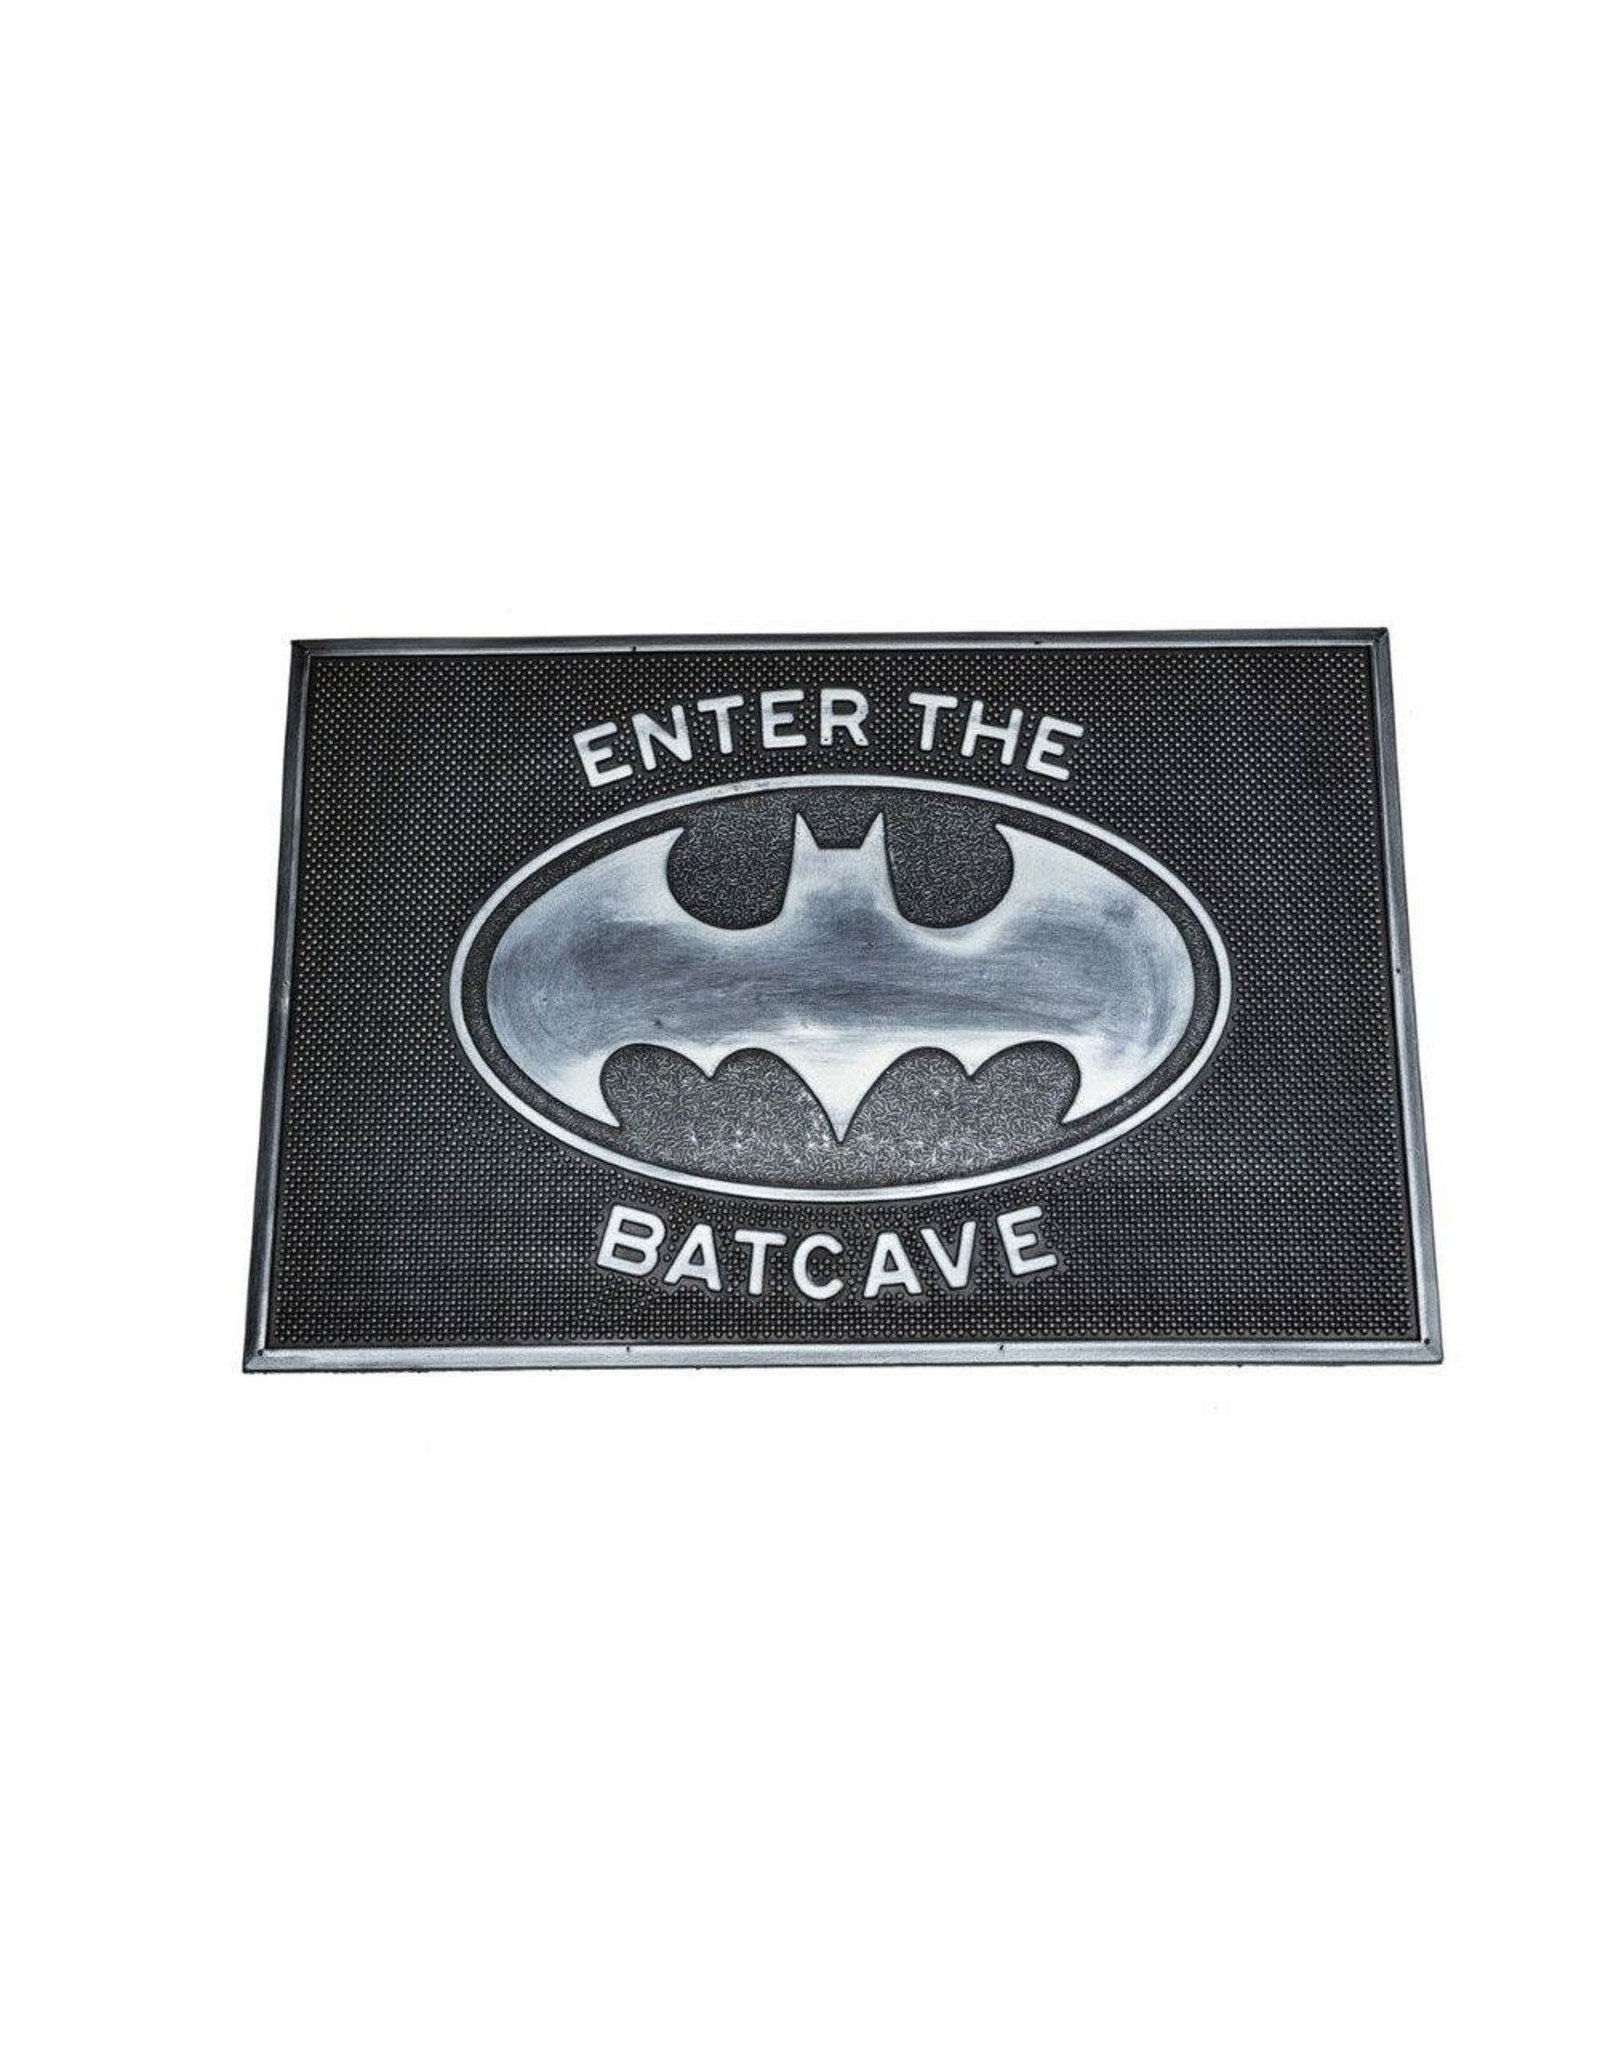 Pyramid International DC COMICS Rubber Doormat 40x60 - Enter the Batcave